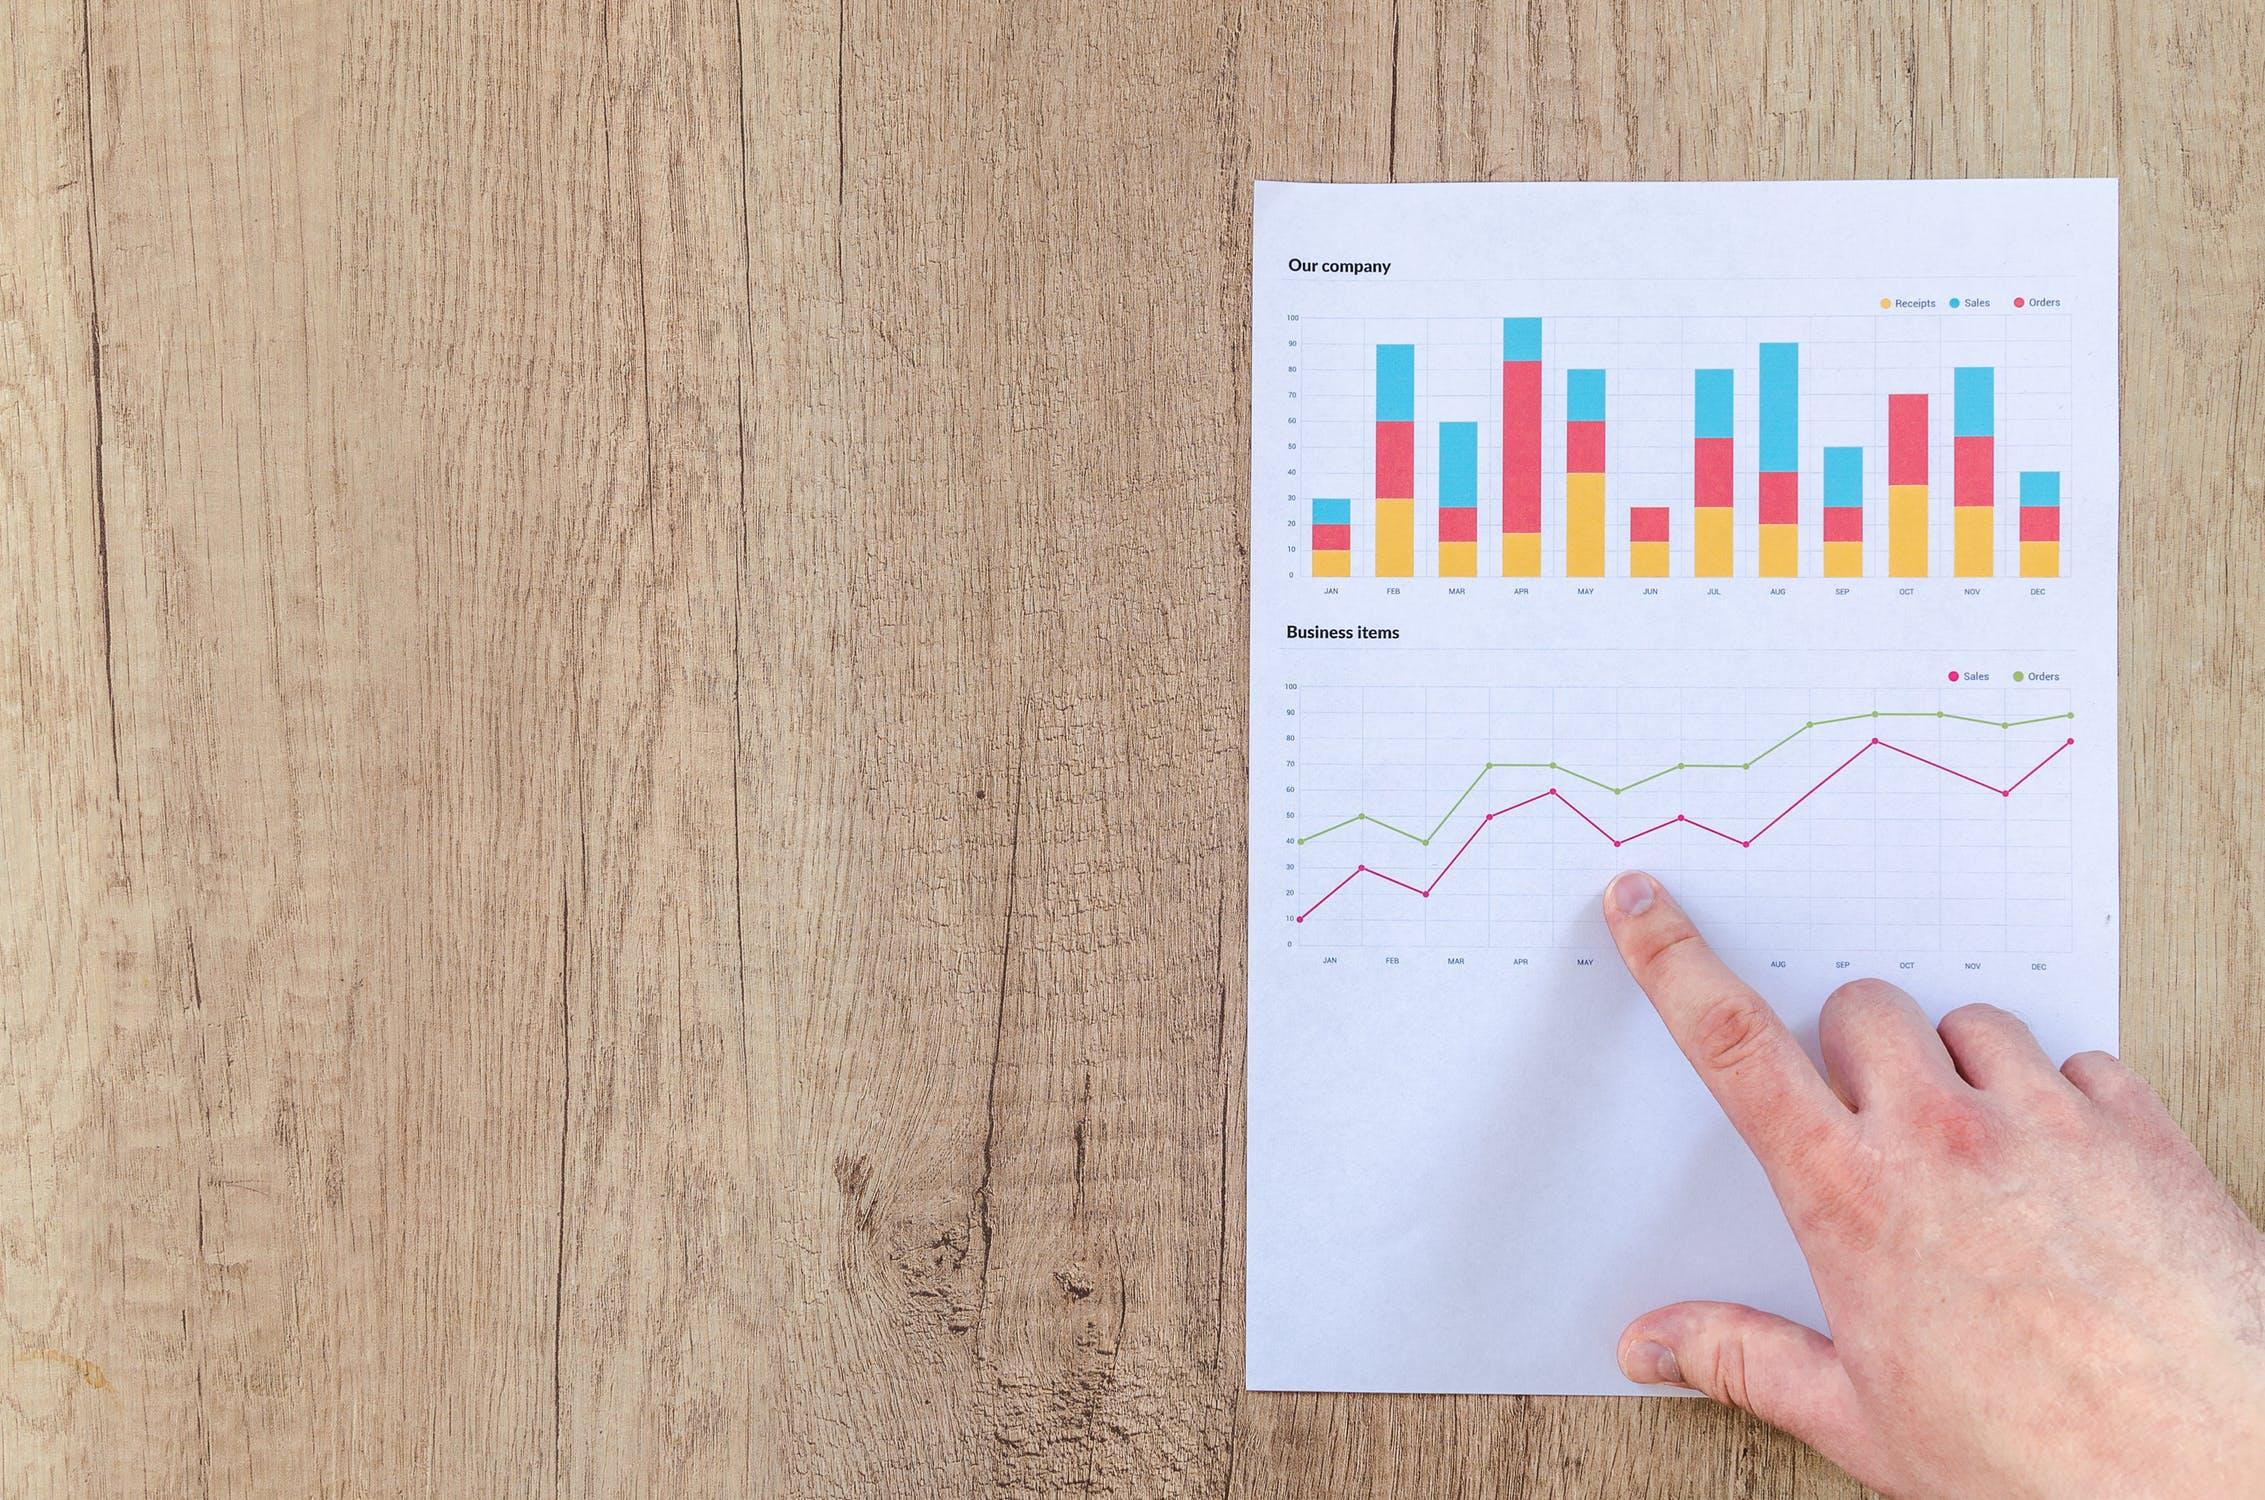 Analiza PEST – obraz szans i zagrożeń Twojego biznesu